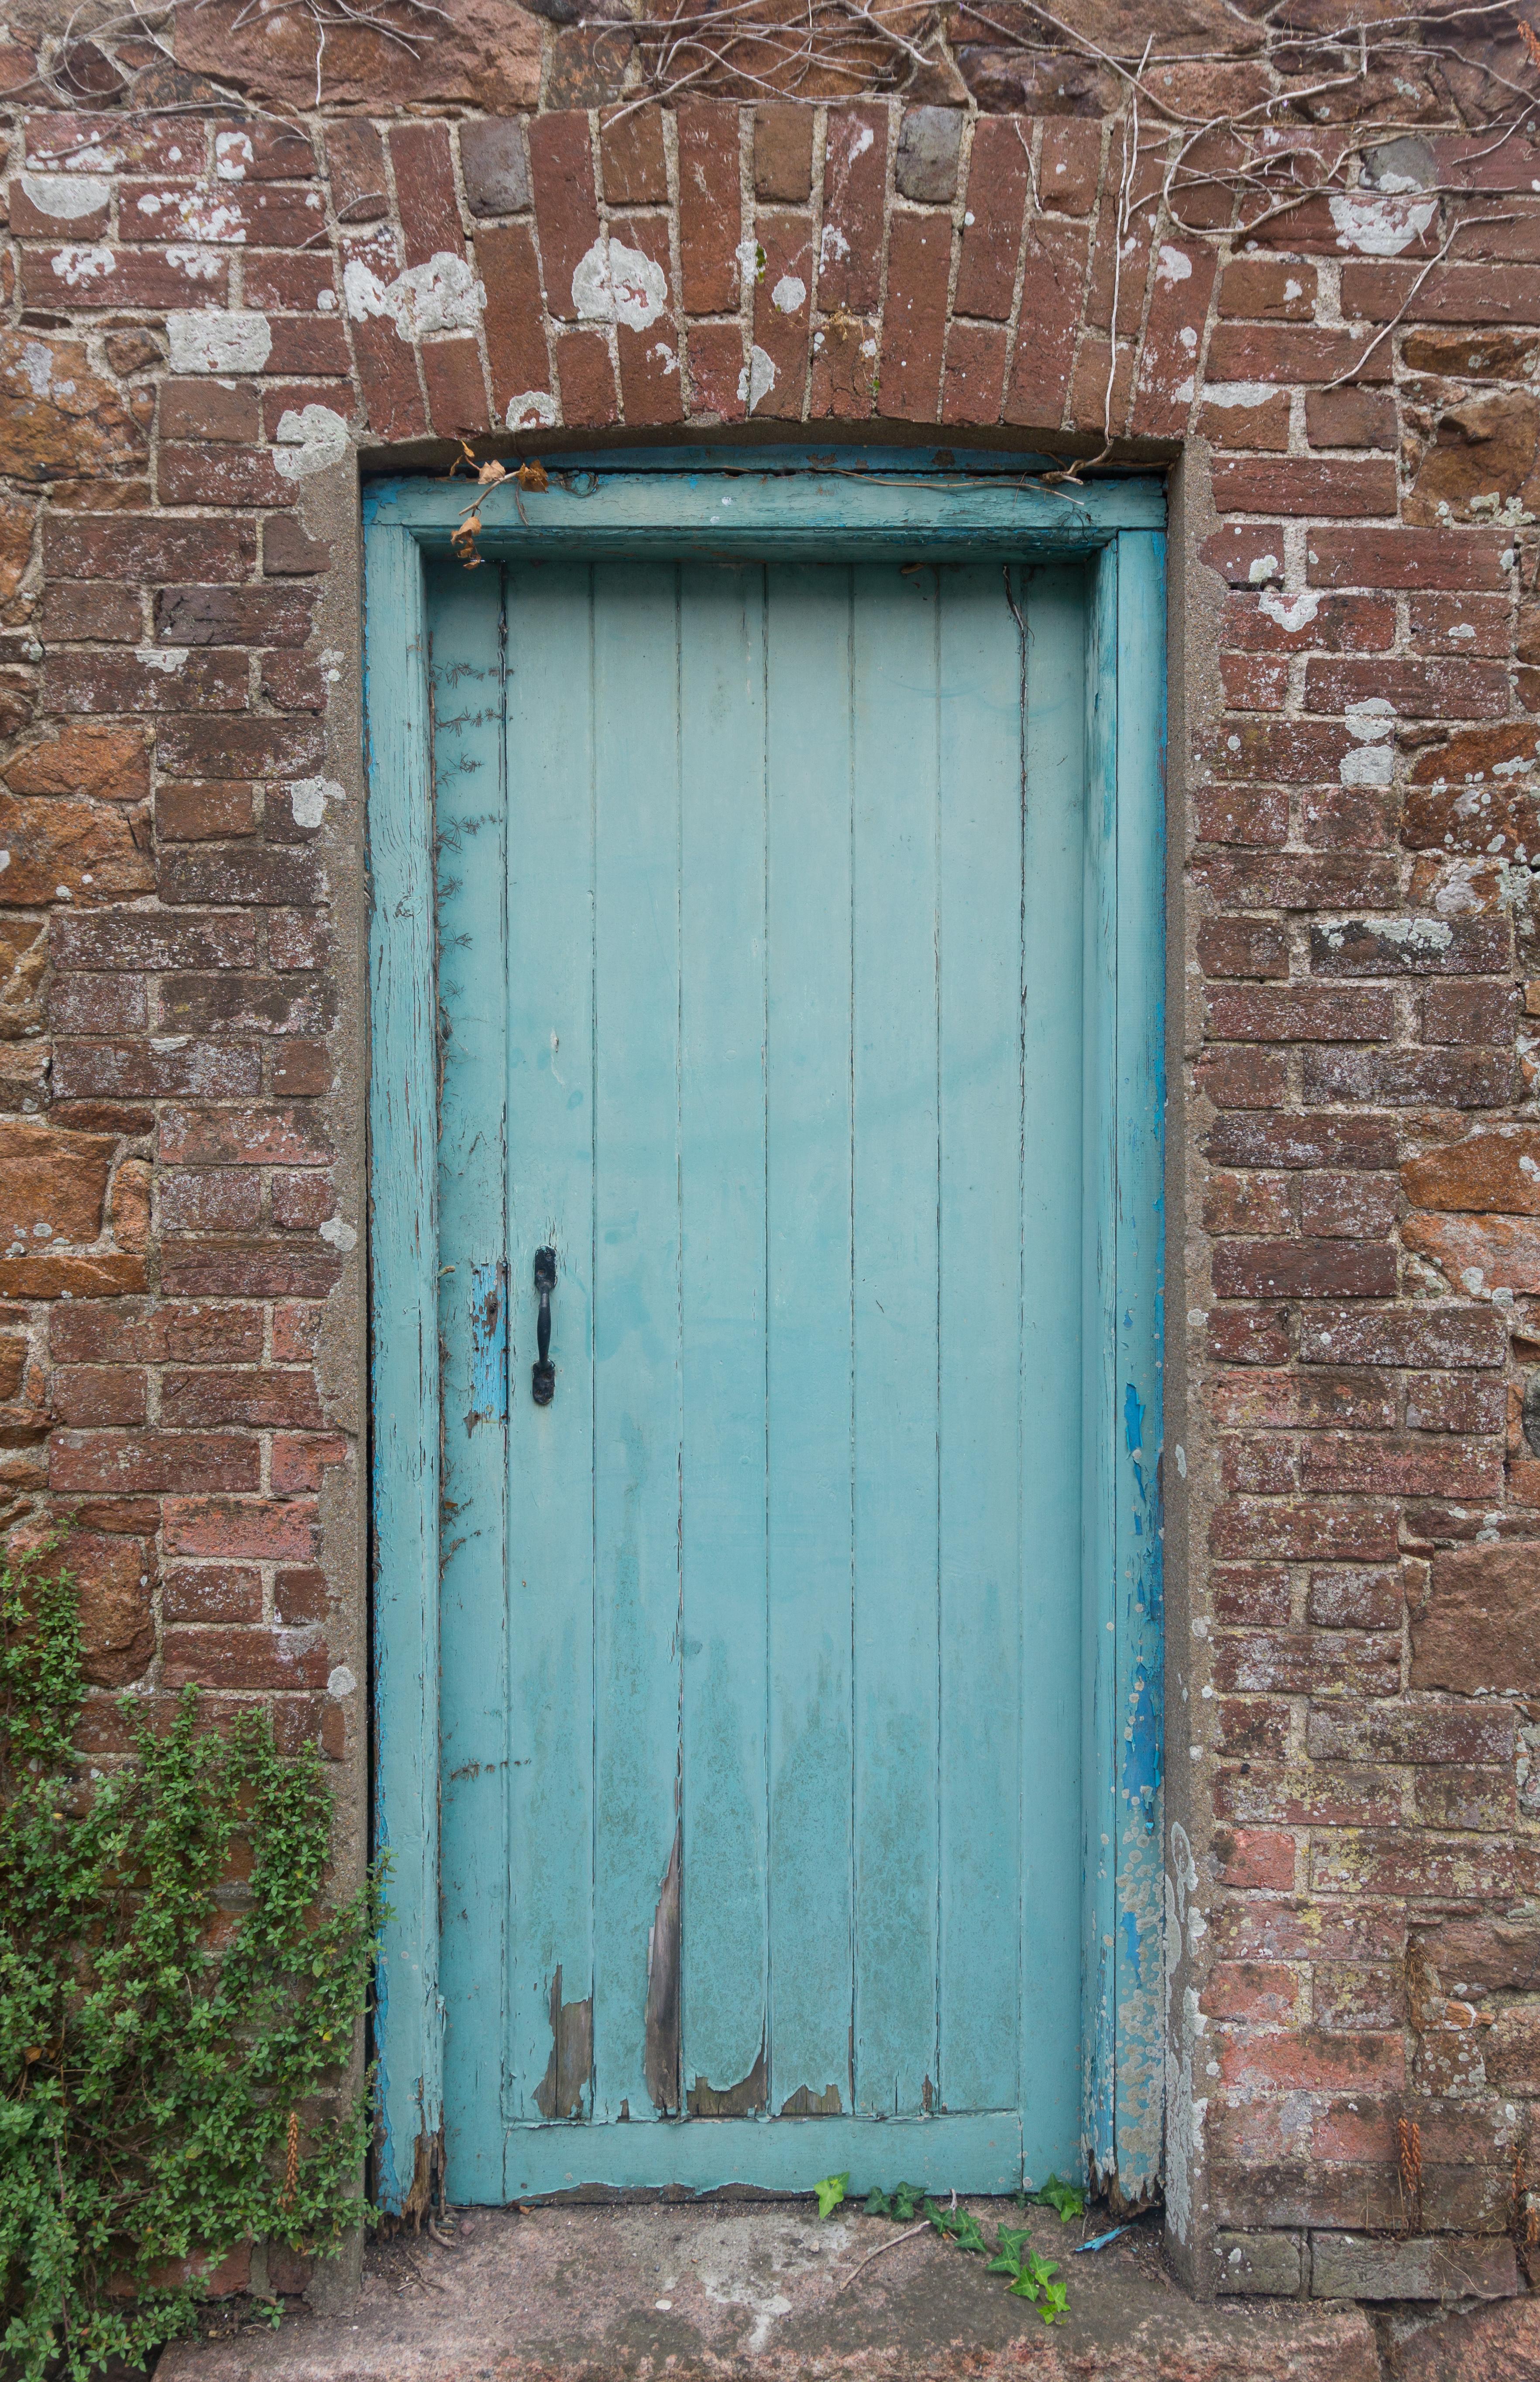 Blue painted wooden door - Doors - Texturify - Free textures